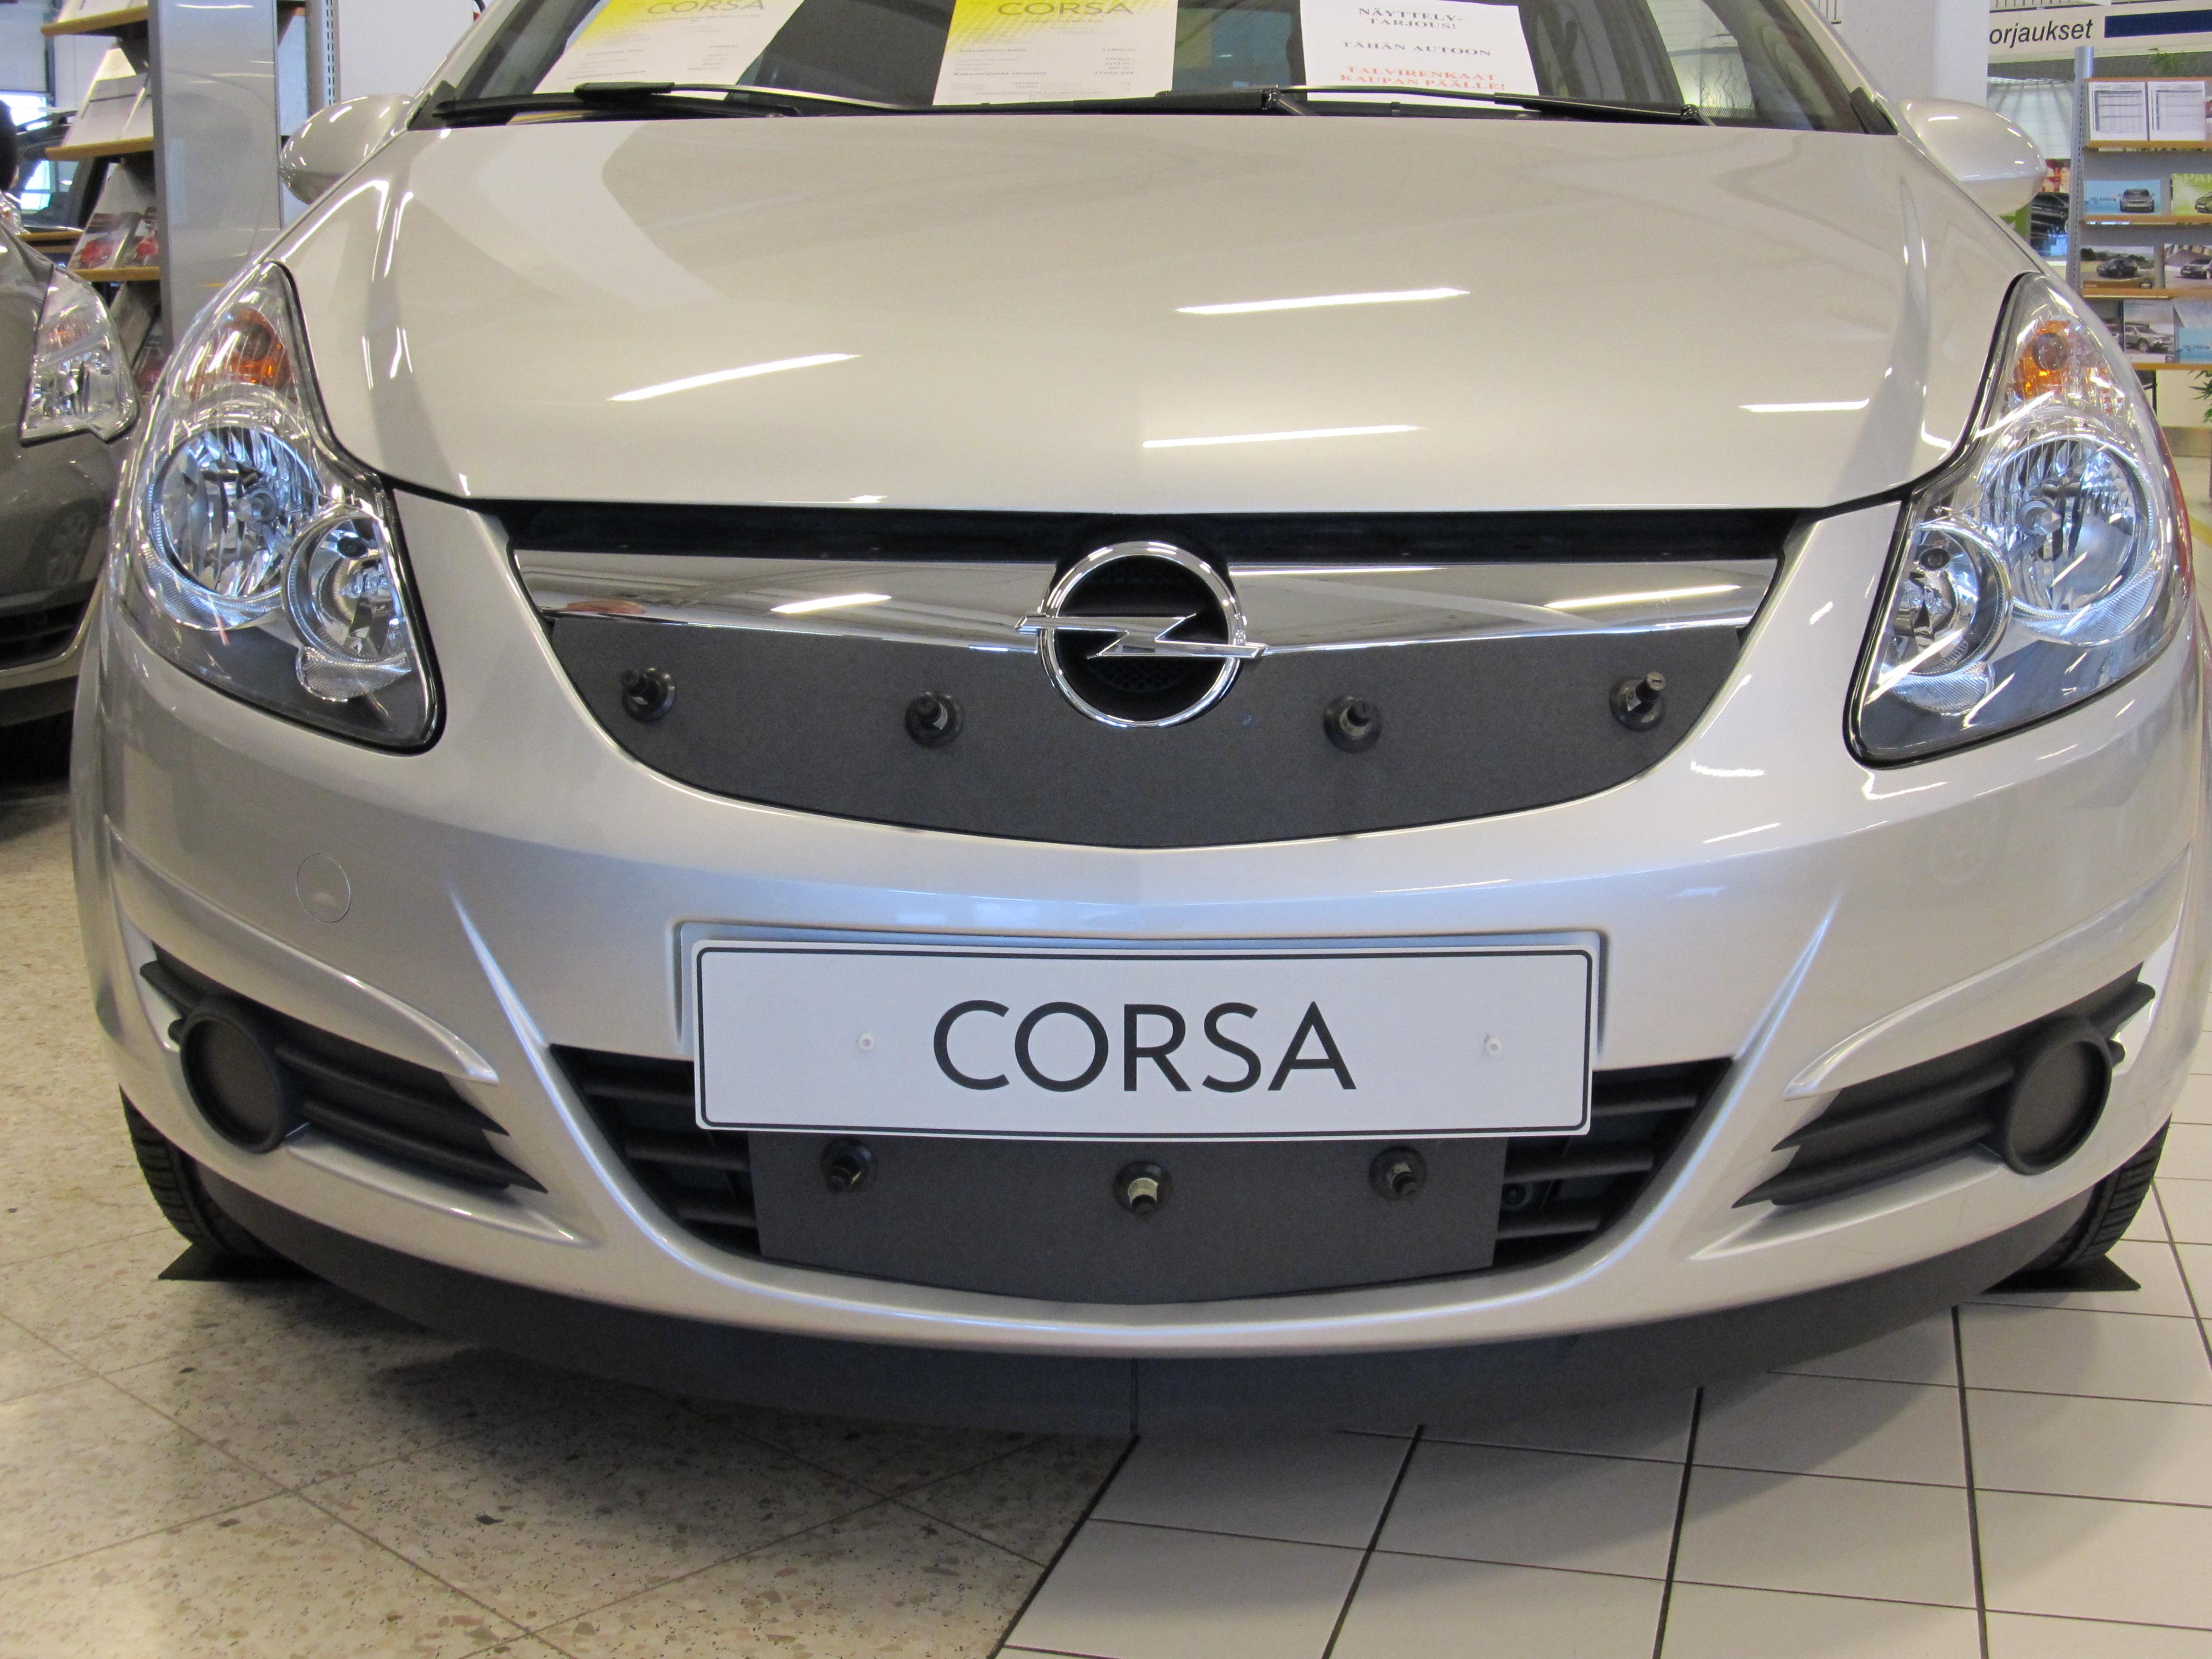 Maskisuoja Opel Corsa 06-09